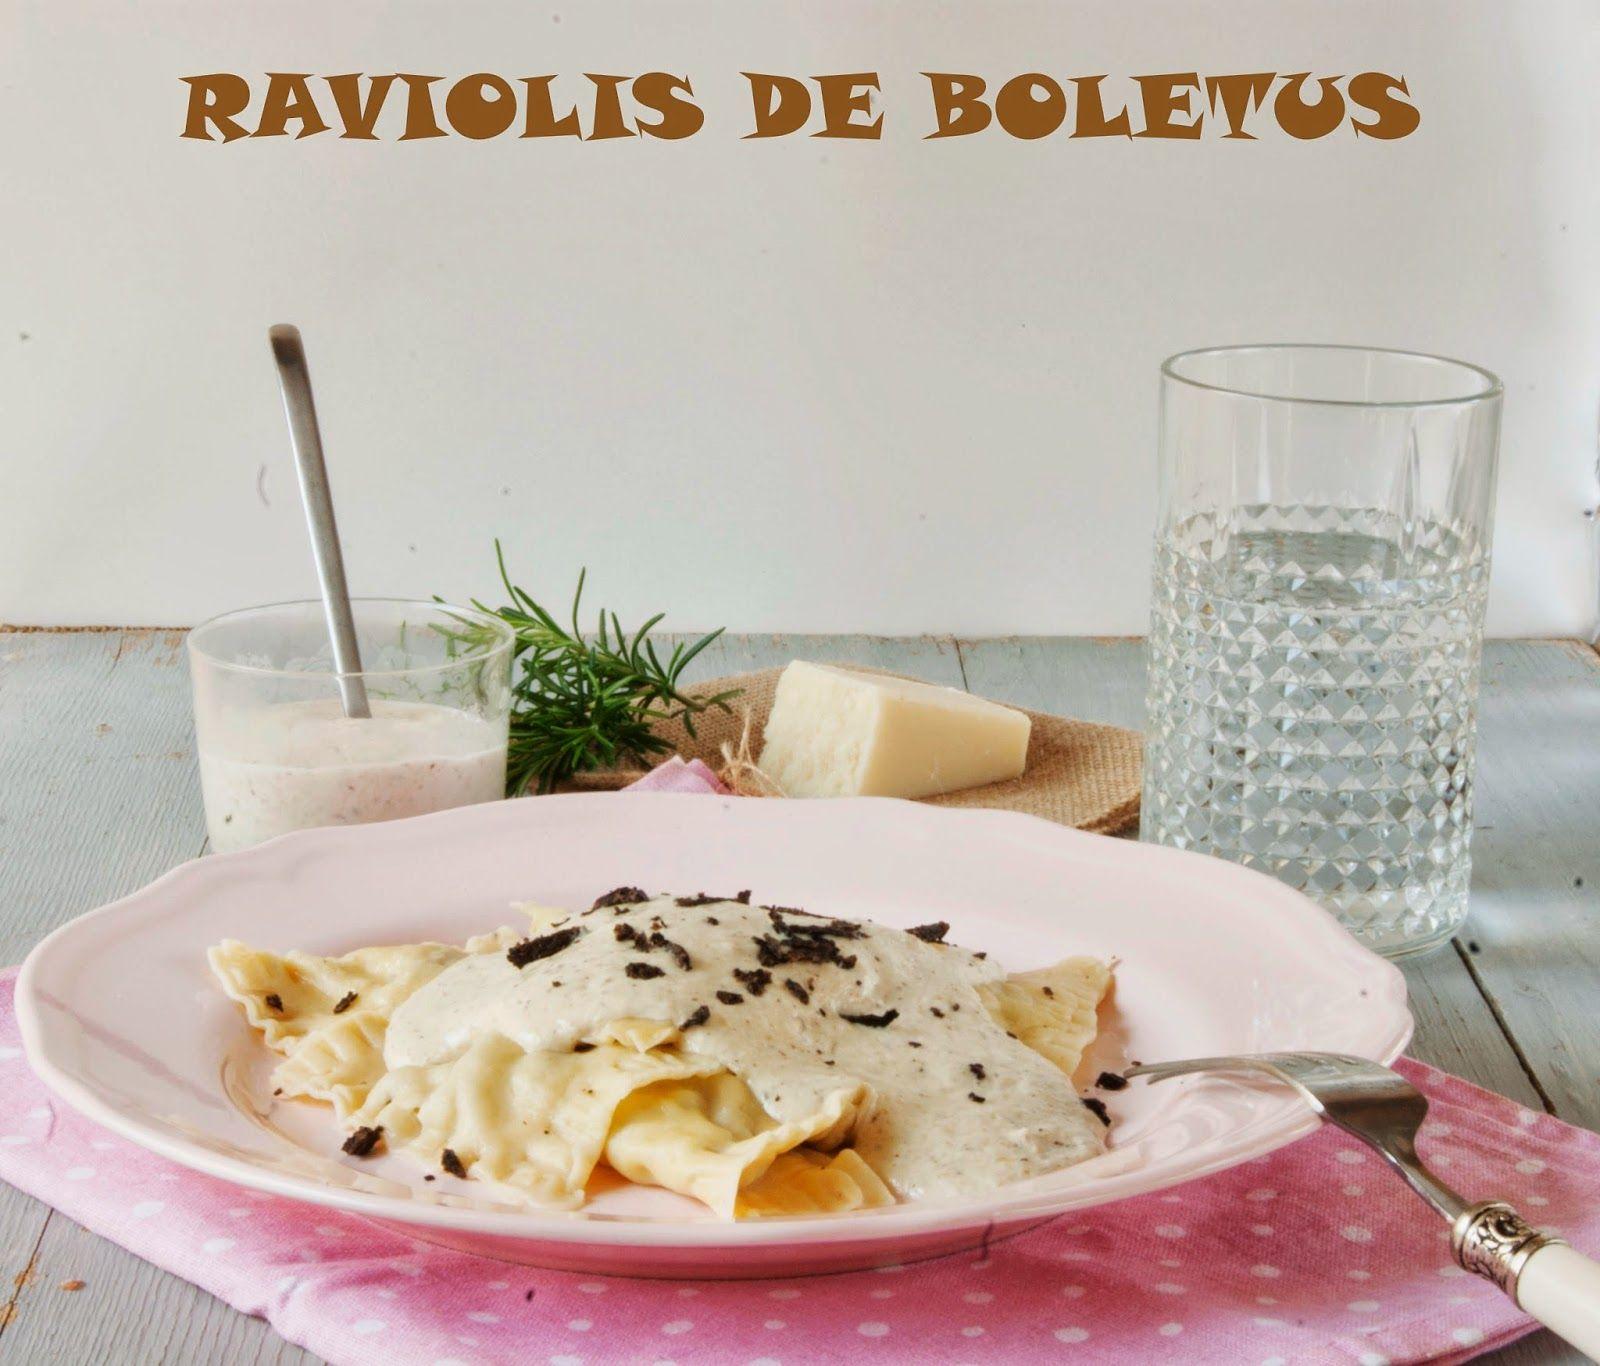 Raviolis Caseros En Salsa De Boletus Pasta Casera Setas Recetas Recetas Tapas